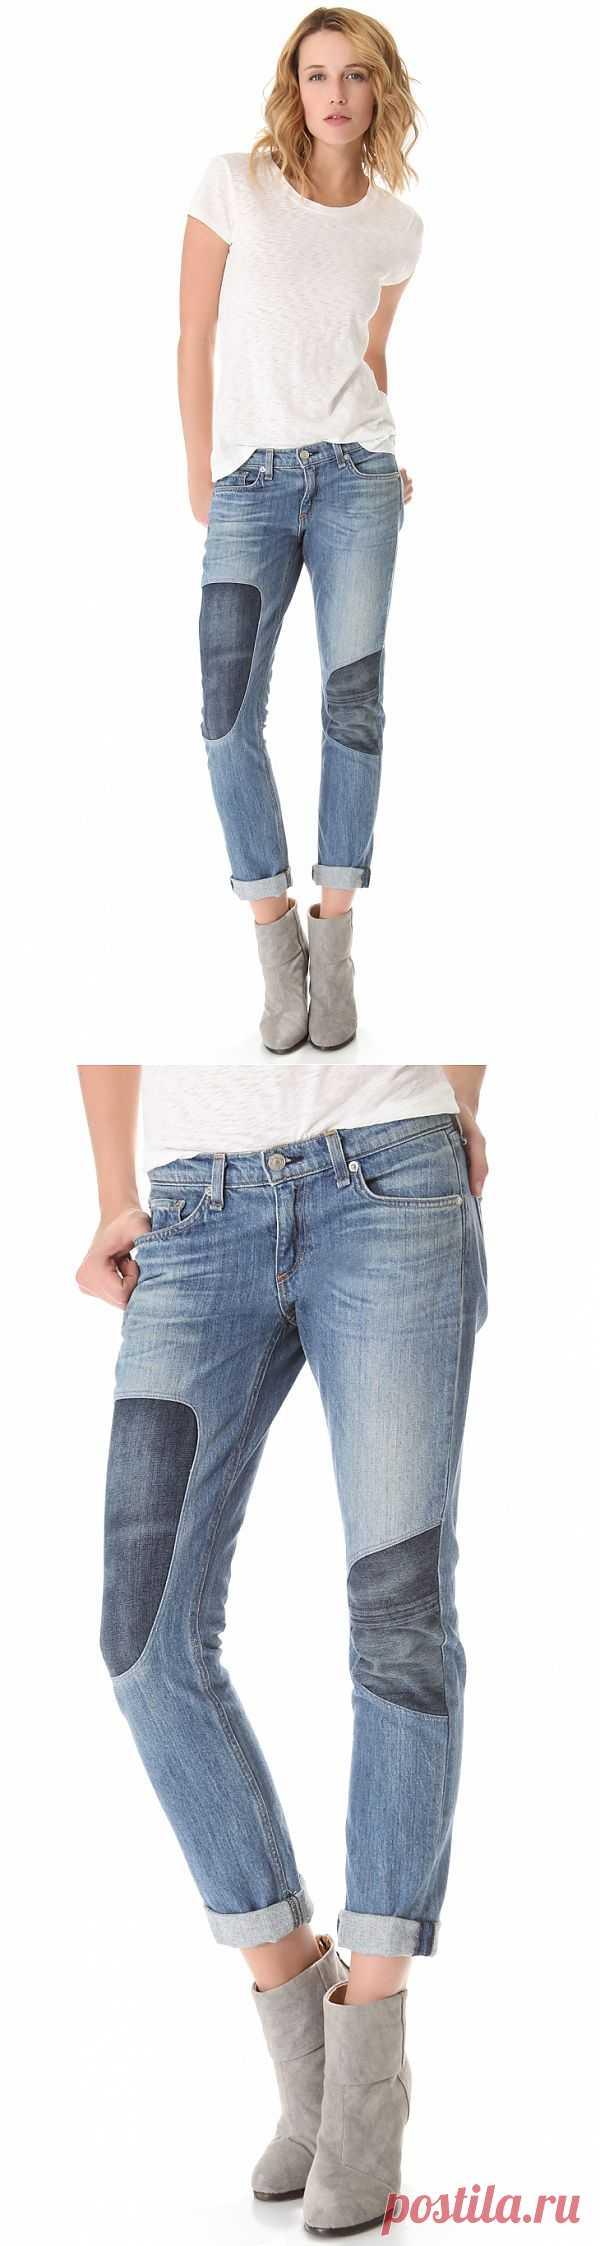 Джинсы с оригинальными вставками на коленях / Джинсы / Модный сайт о стильной переделке одежды и интерьера